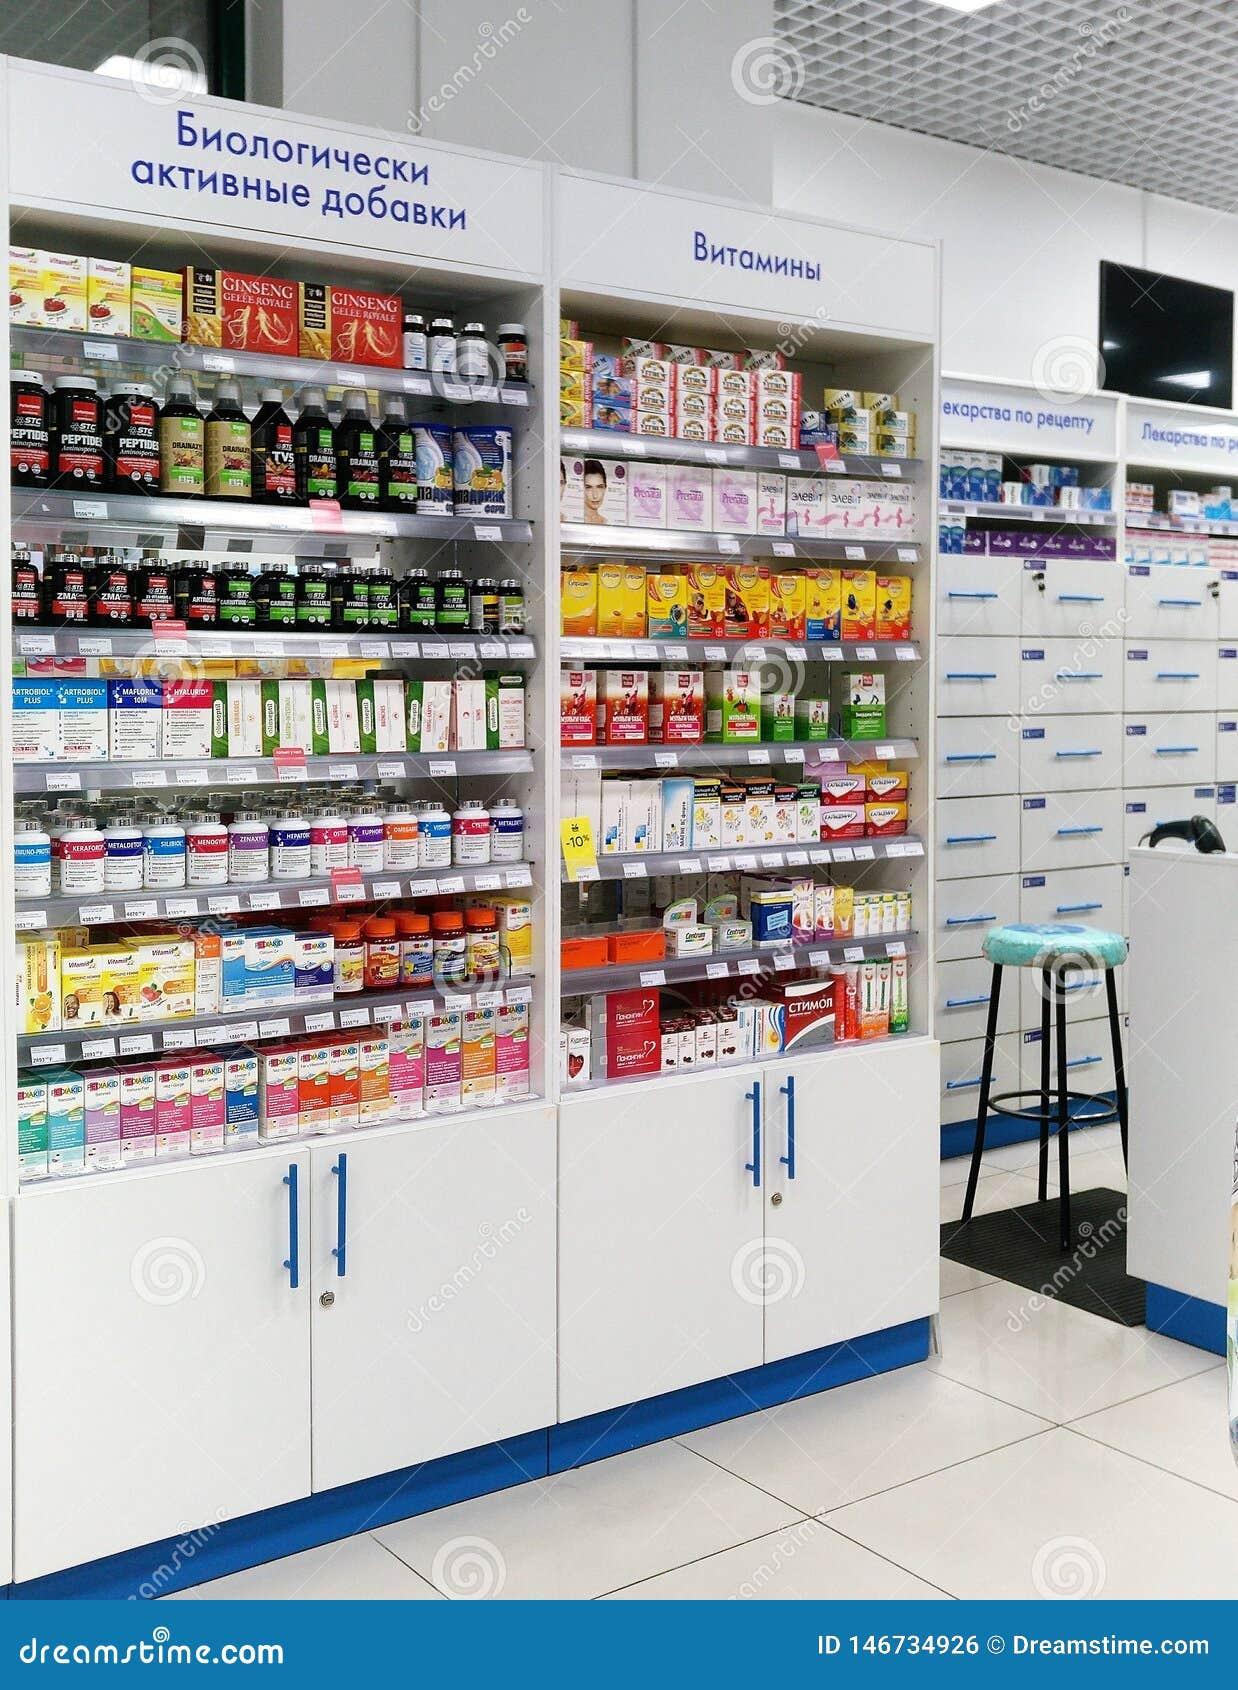 Moskwa, maj 5, 2019: Apteka, tekst na półkach: Żywienioniowi nadprogramy, witaminy, leki na receptę